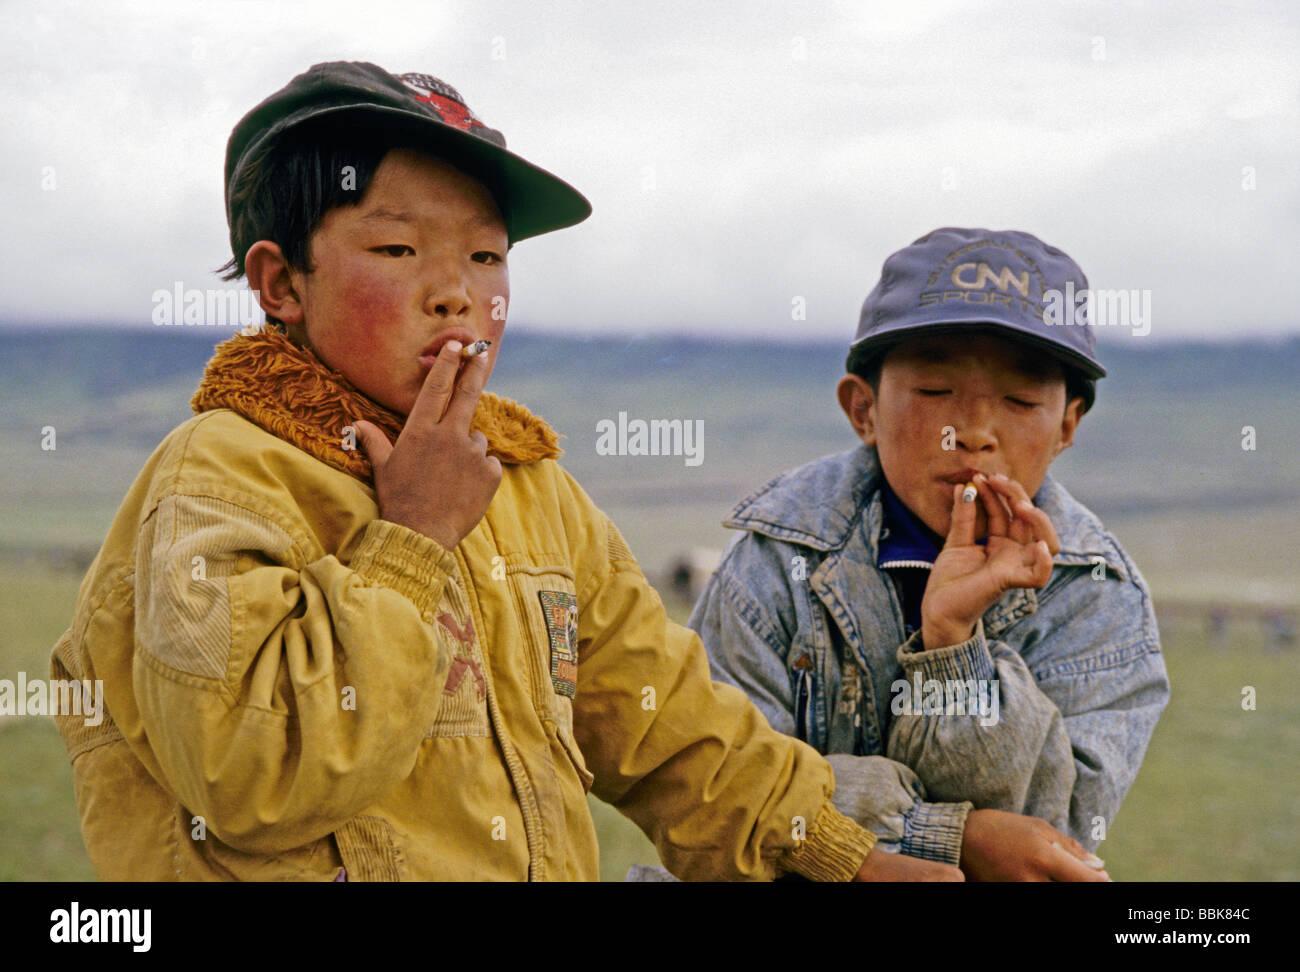 Tibetano giovani ragazzi americani Indossando cappellini da baseball di  fumare sigarette in Tibet e9f2a4fca0ed